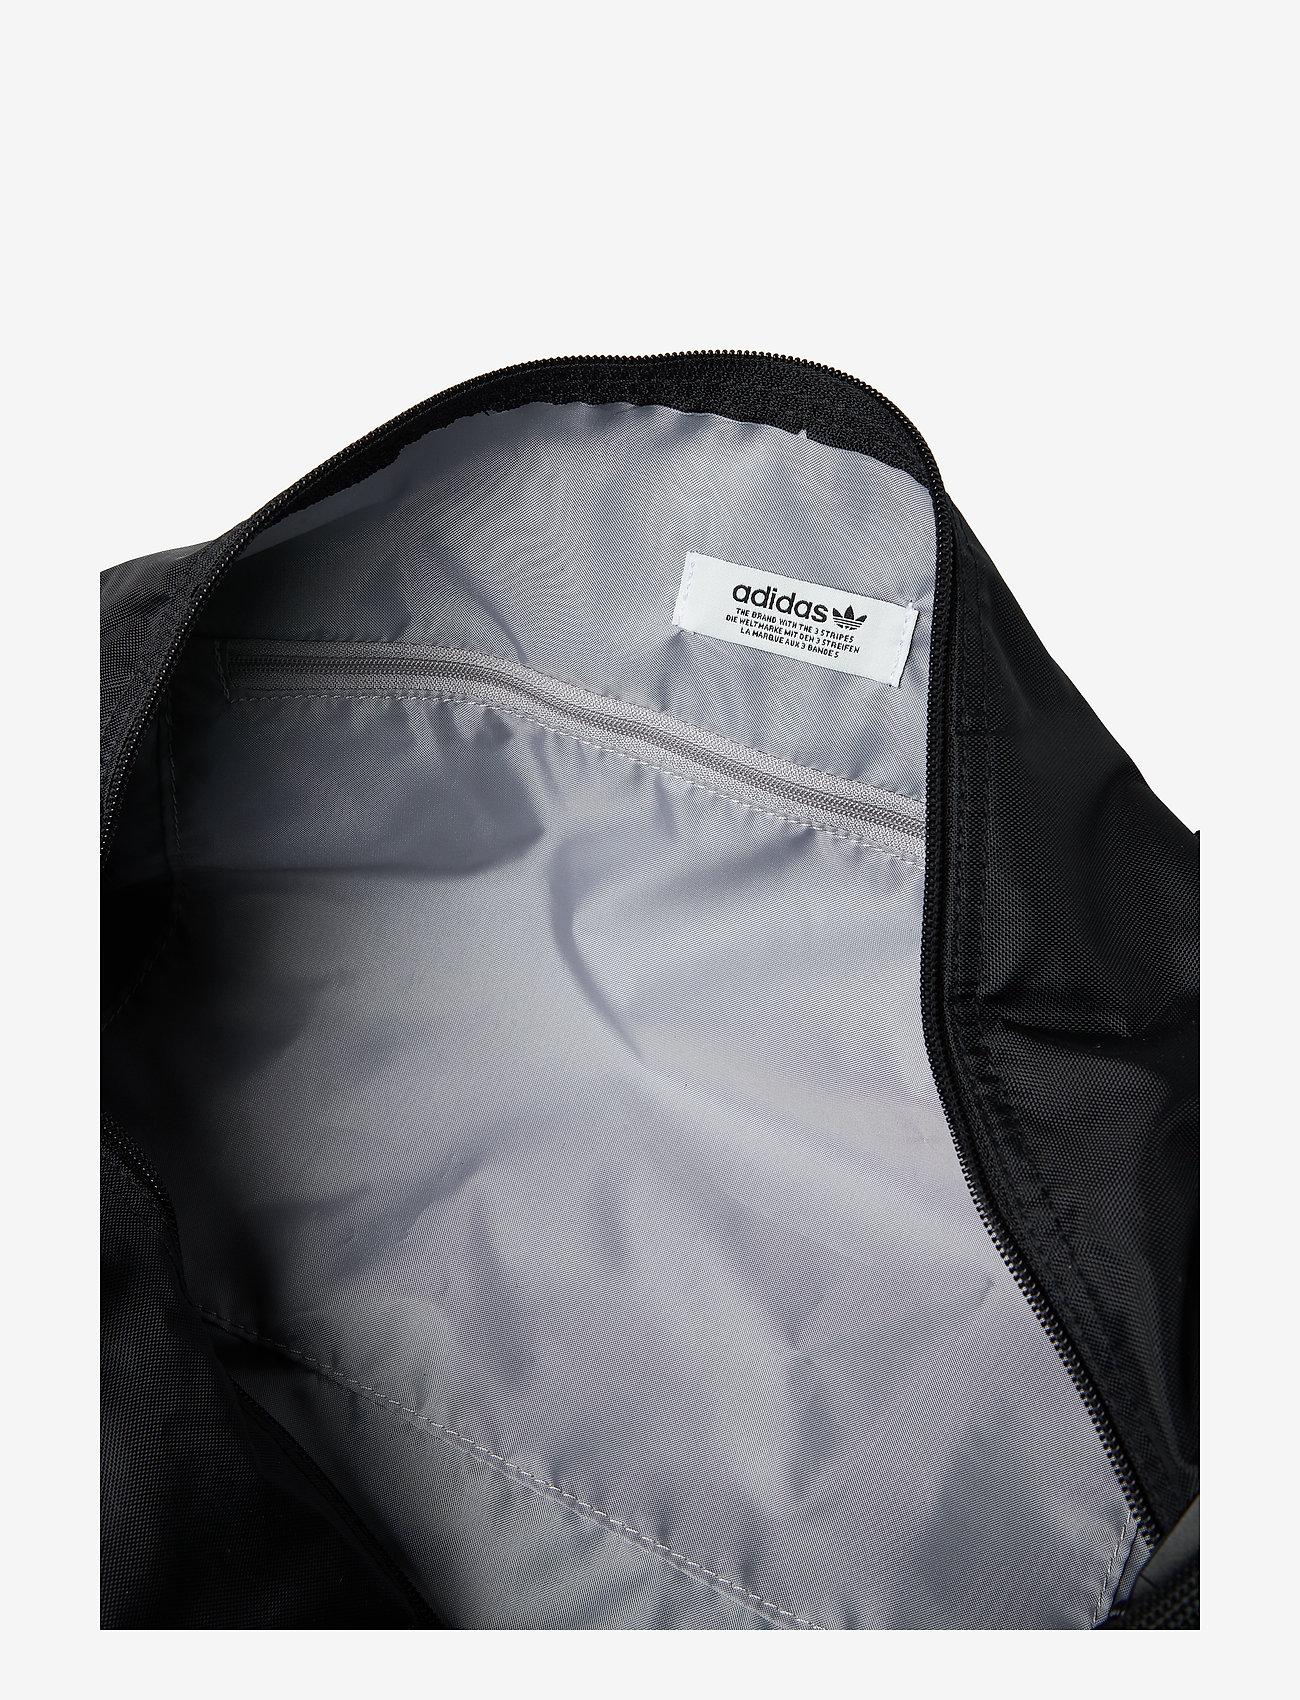 adidas Originals AC DUFFLE - Torby podróżne i torby gimnastyczne BLACK - Torby